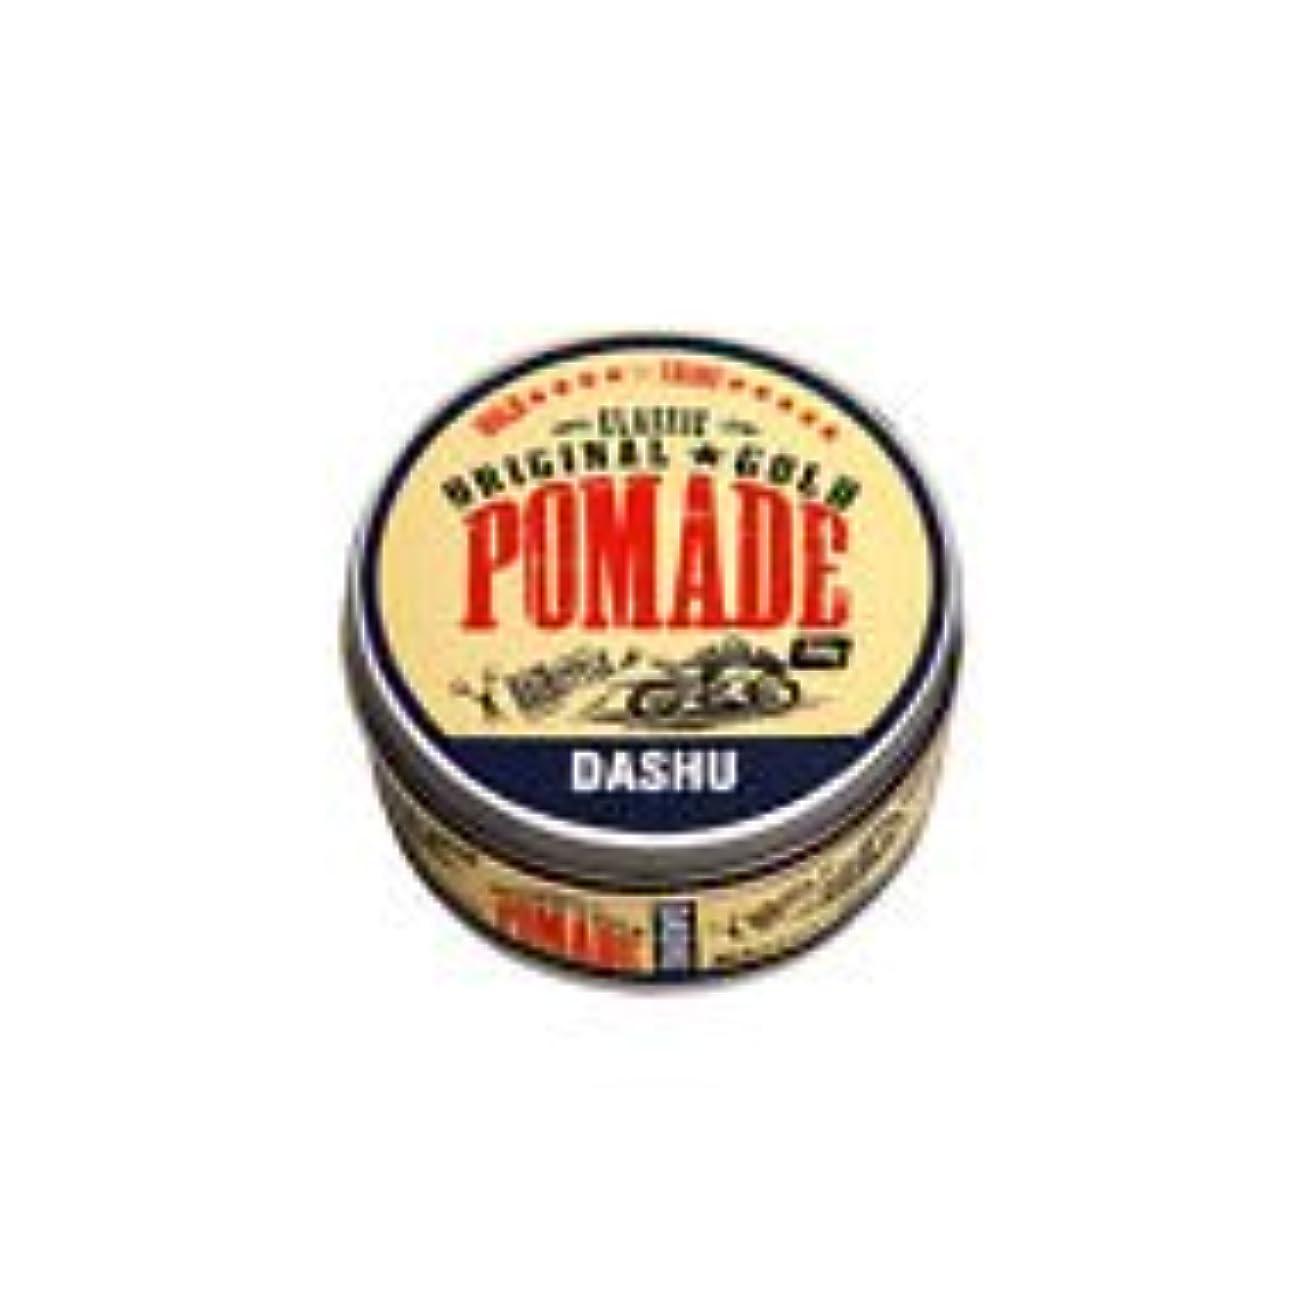 なんとなくトロリー出会い[DASHU] ダシュ クラシックオリジナルゴールドポマードヘアワックス Classic Original Gold Pomade Hair Wax 100ml / 韓国製 . 韓国直送品